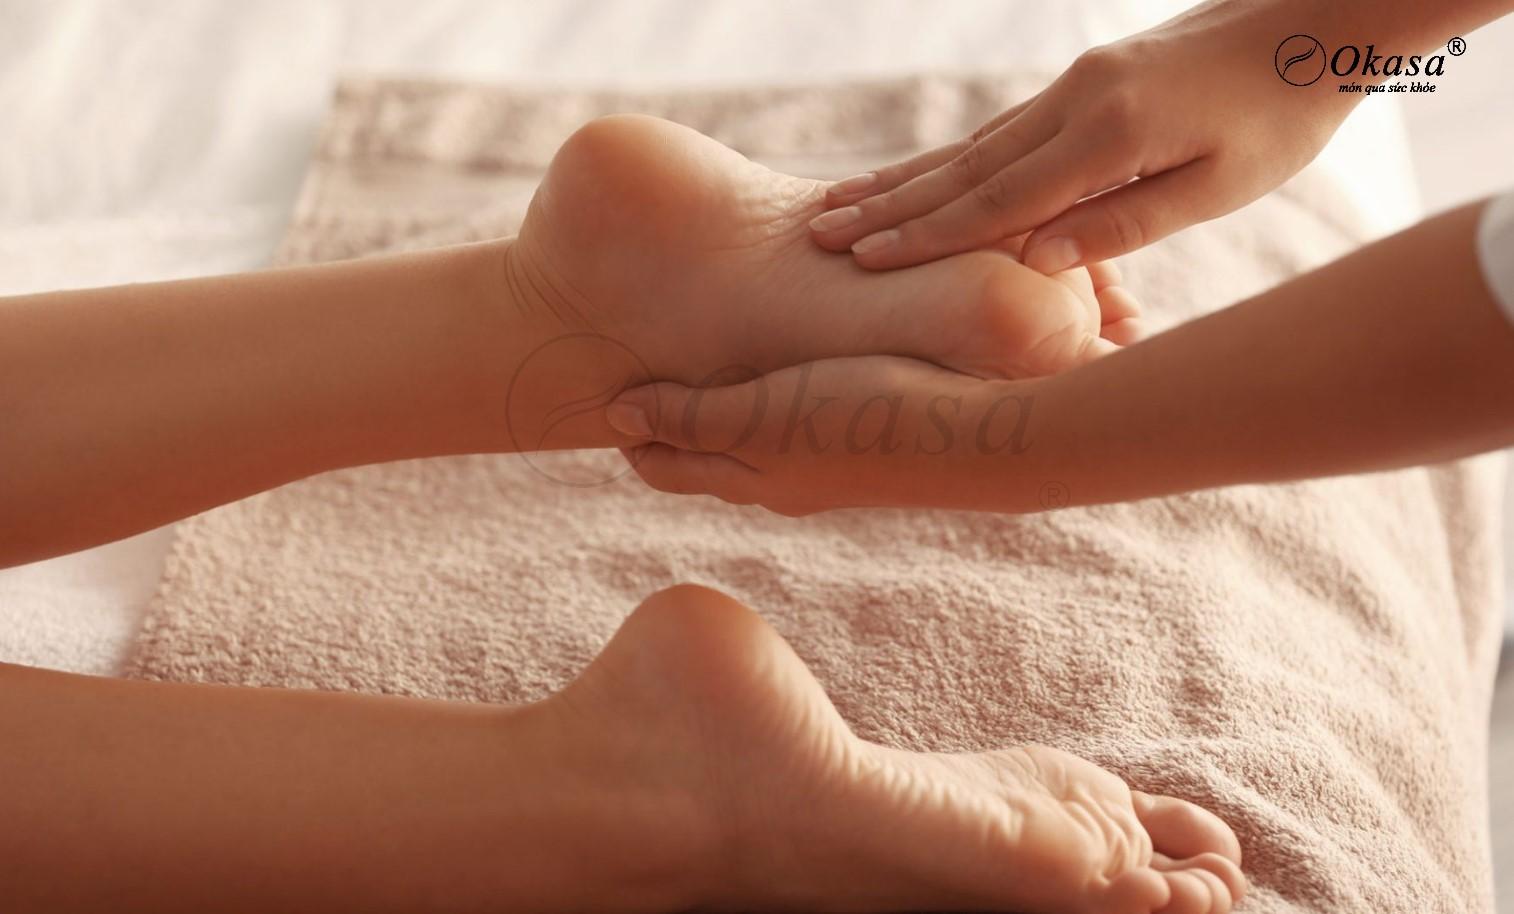 Phương pháp massage bàn chân giúp giảm đau và trị bệnh